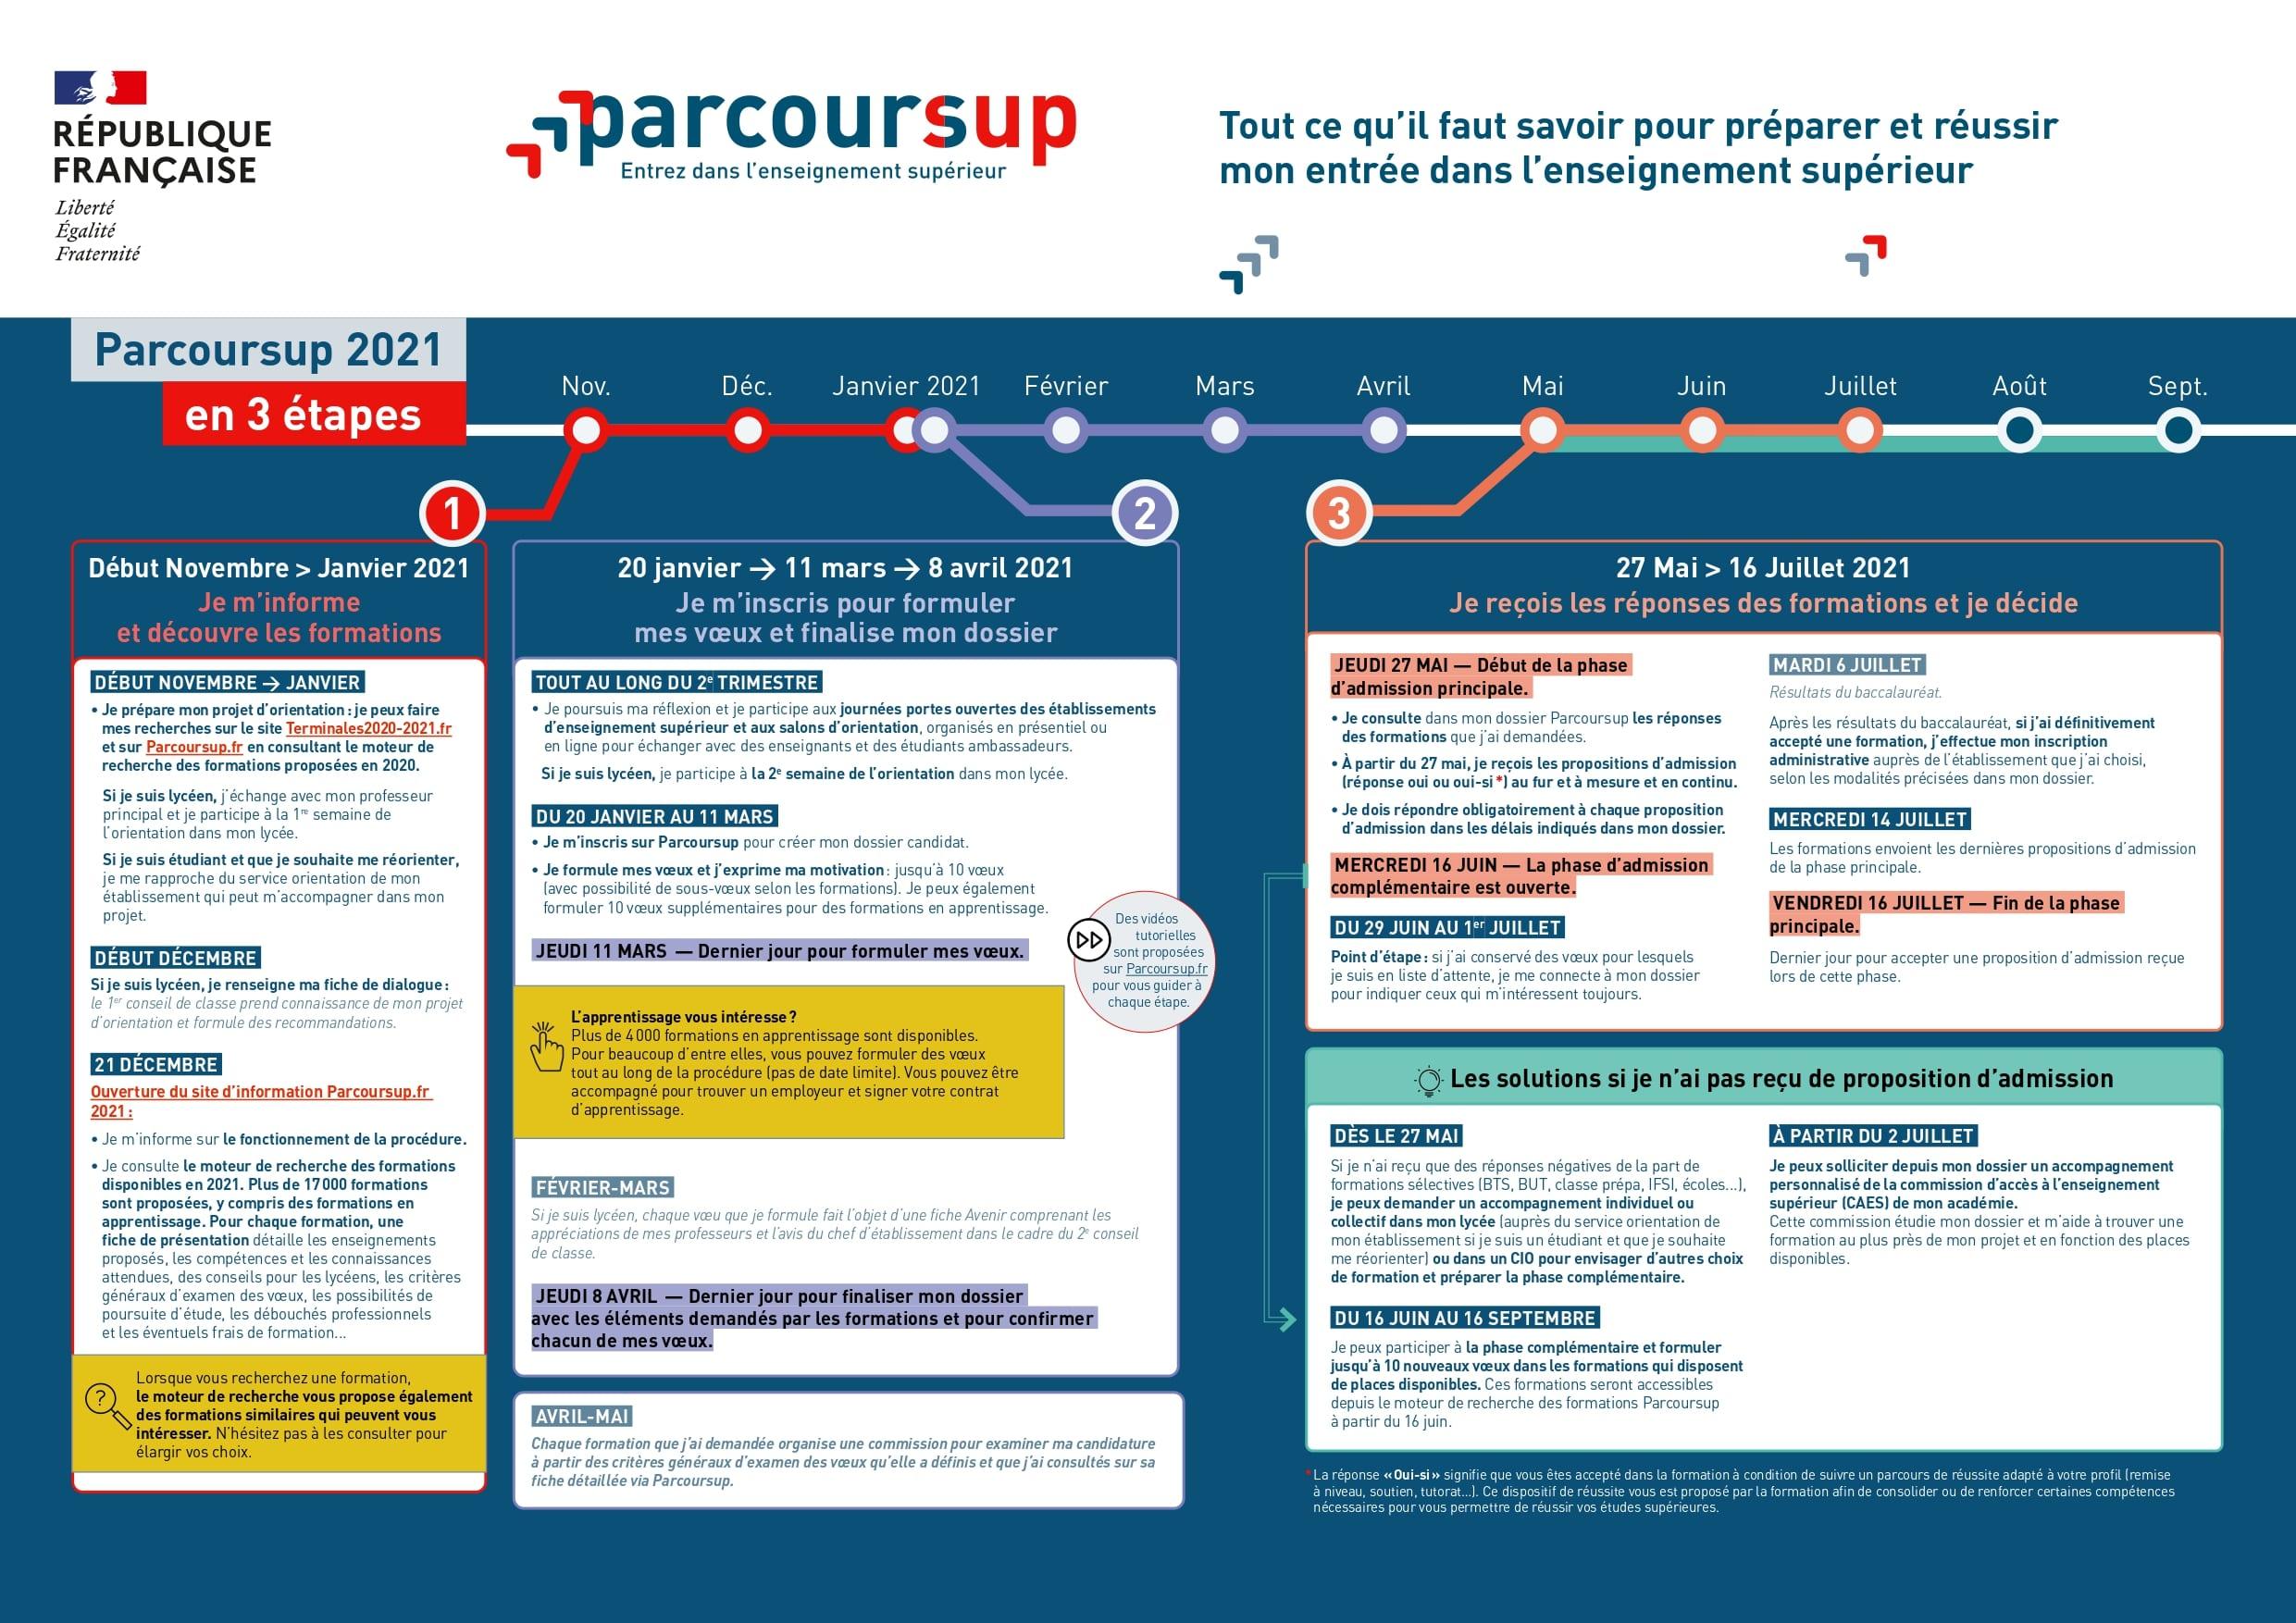 Tableau de la chronologie de Parcoursup en 2020/2021